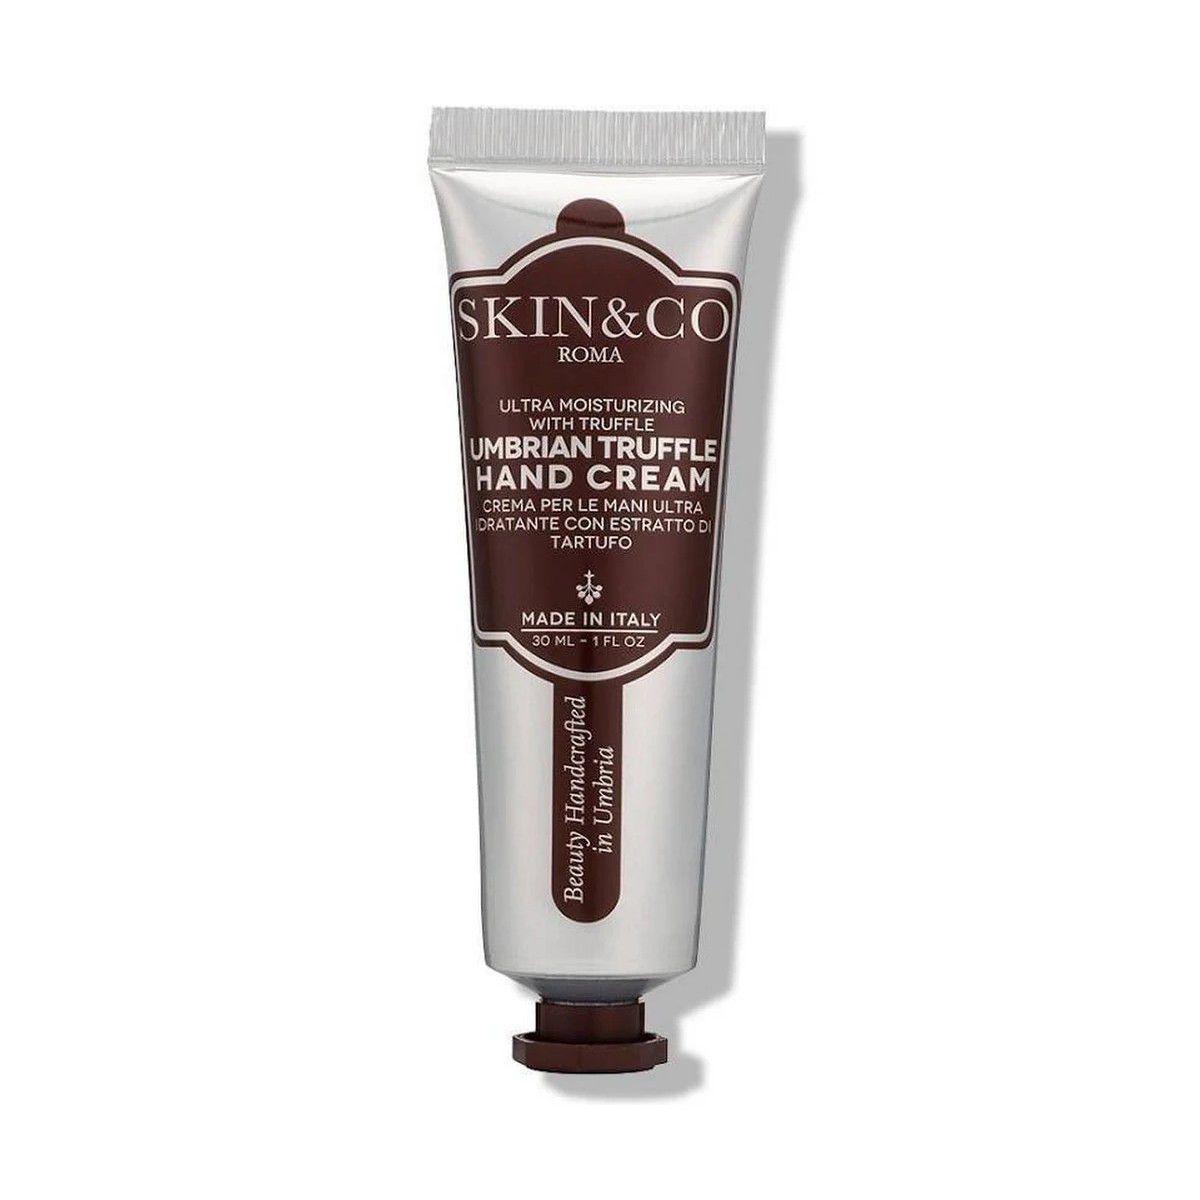 Skin & Co Hand Cream tube